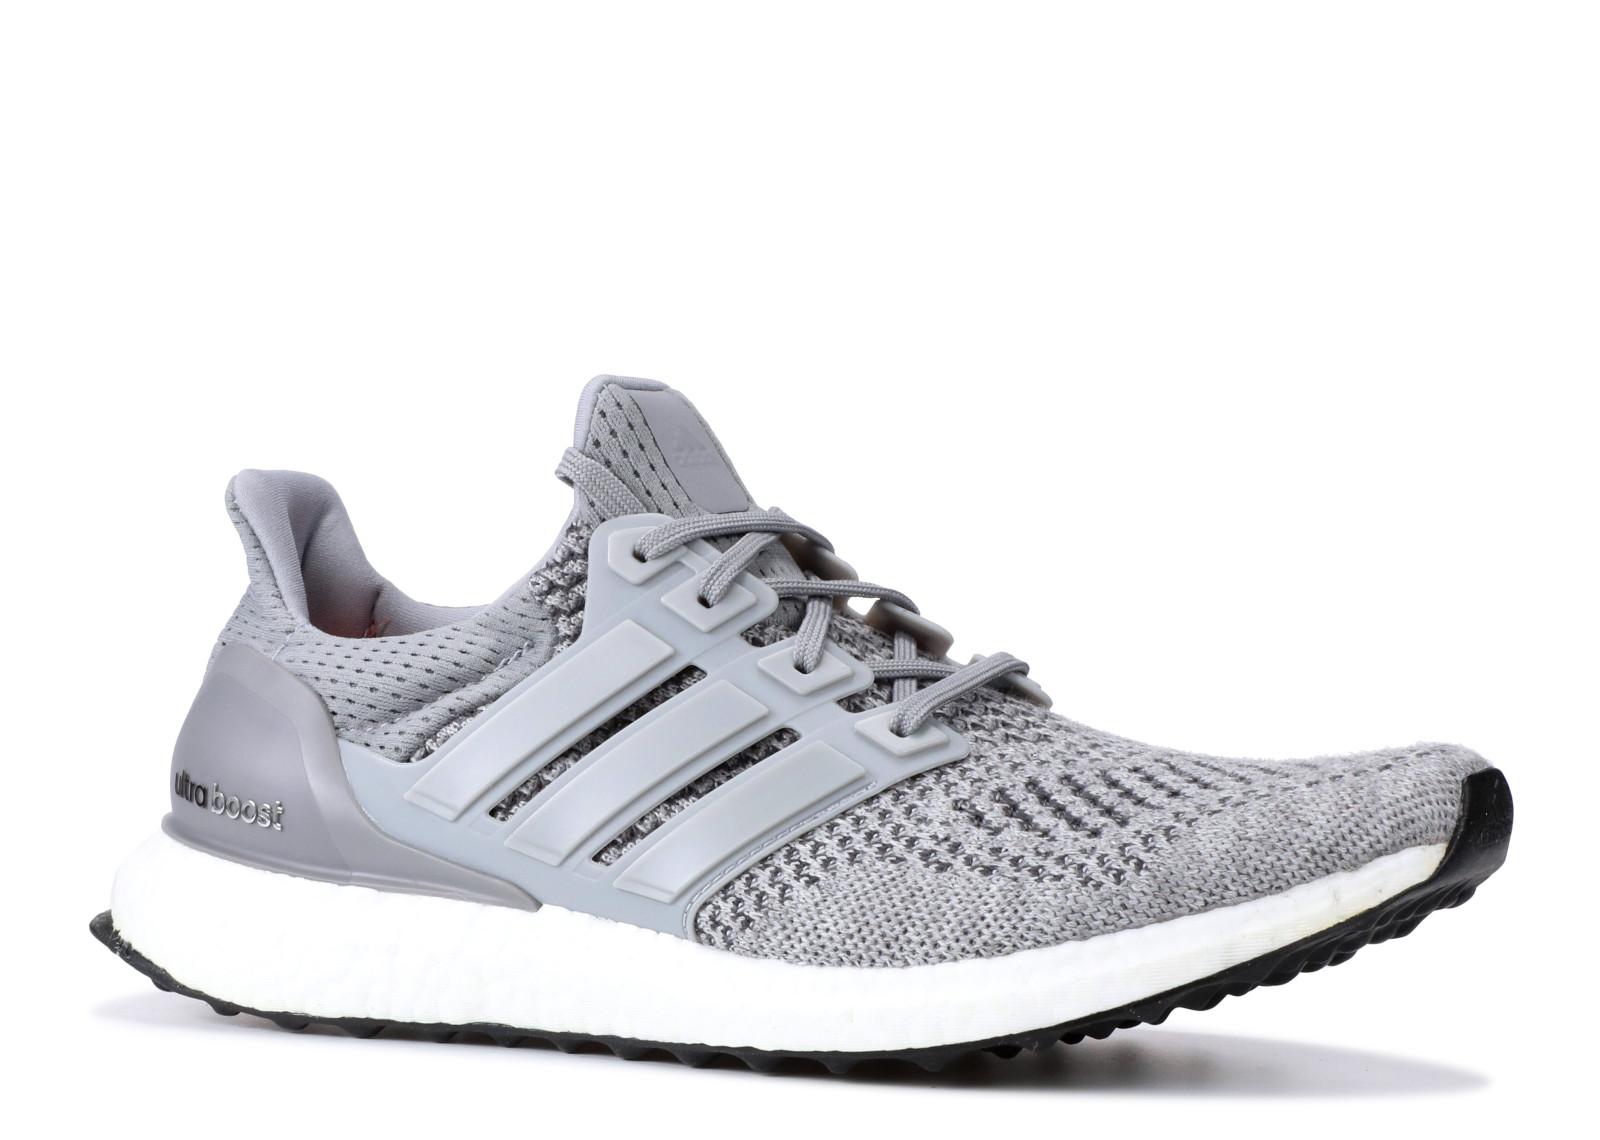 8254dbe8c647f adidas Ultra Boost 1.0 Wool Grey - 1